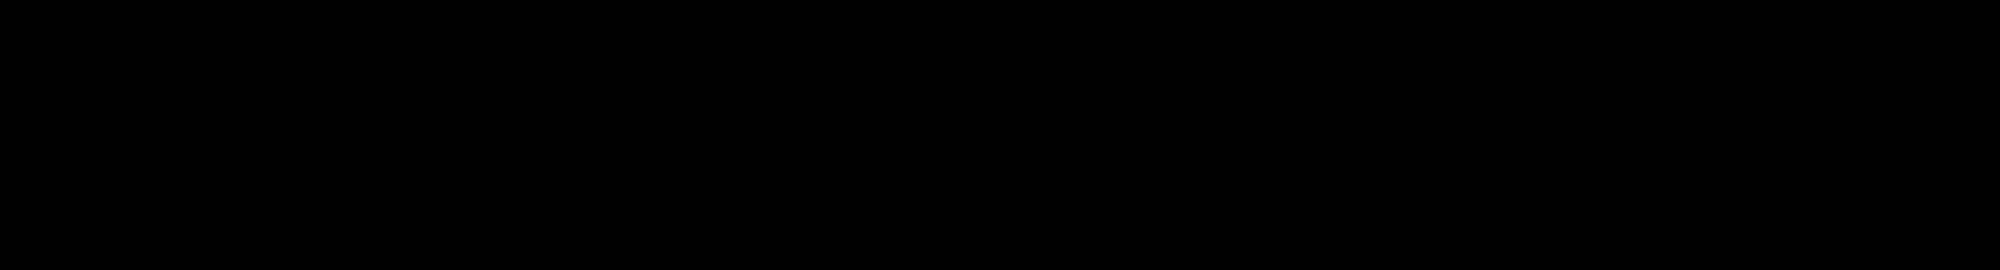 Open PlusPng.com  - Calvin Klein Logo PNG